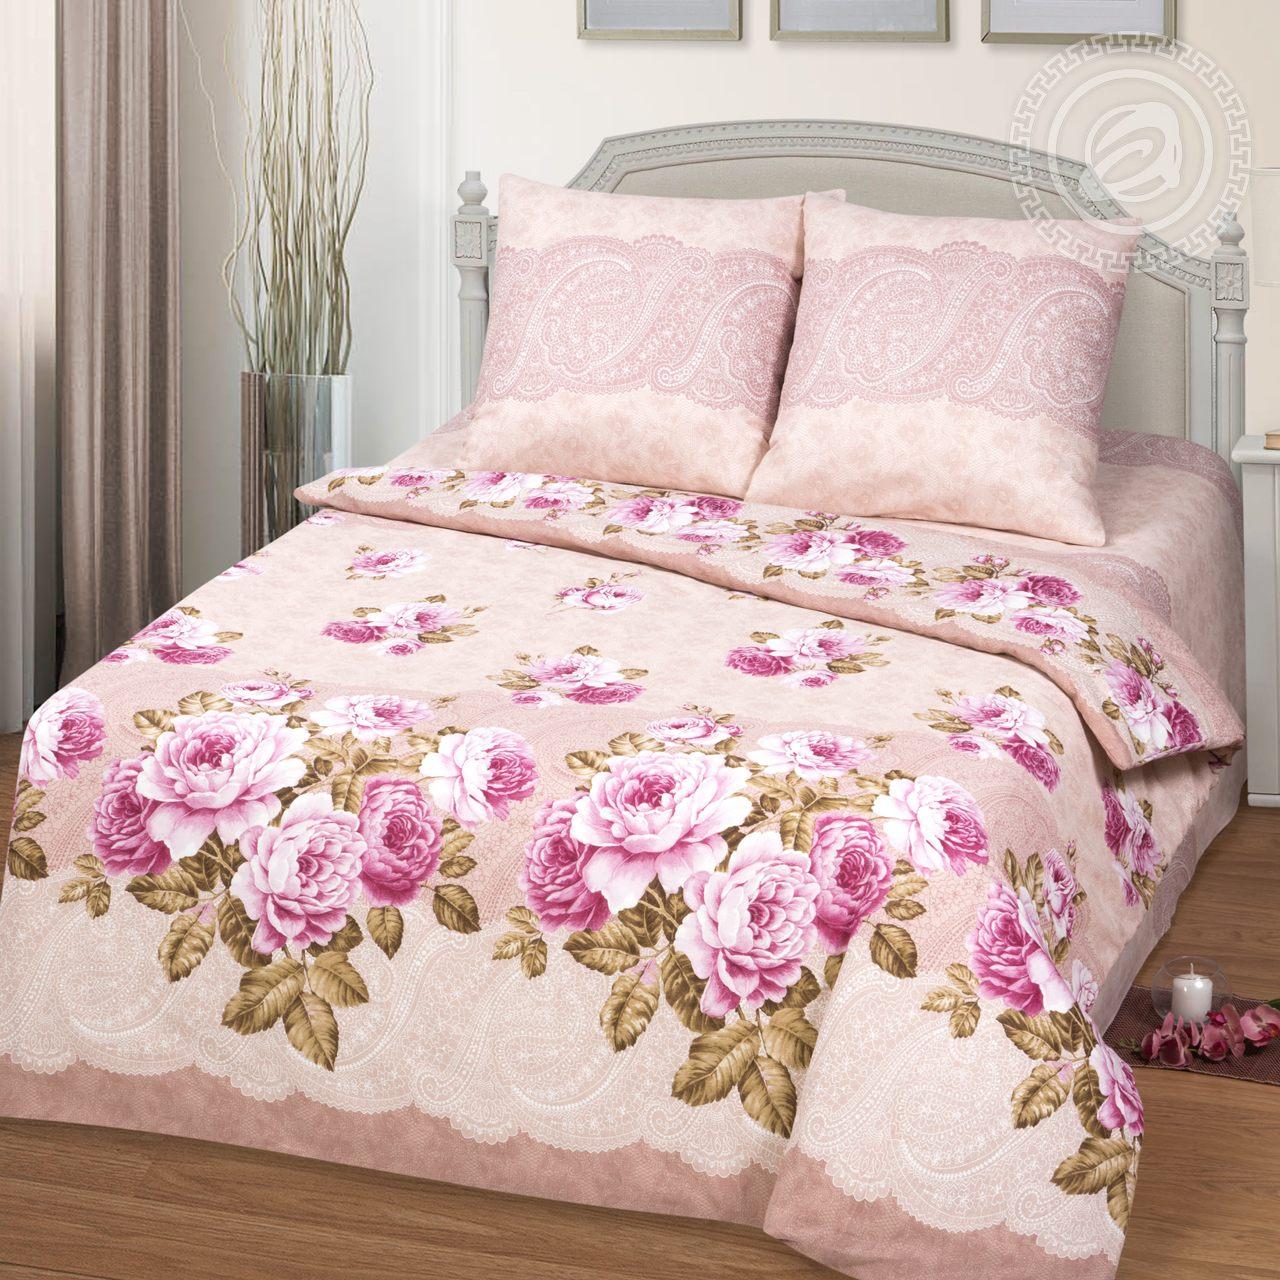 Постельное белье iv51534 (бязь) (1,5 спальный) постельное белье iv48073 бязь 1 5 спальный